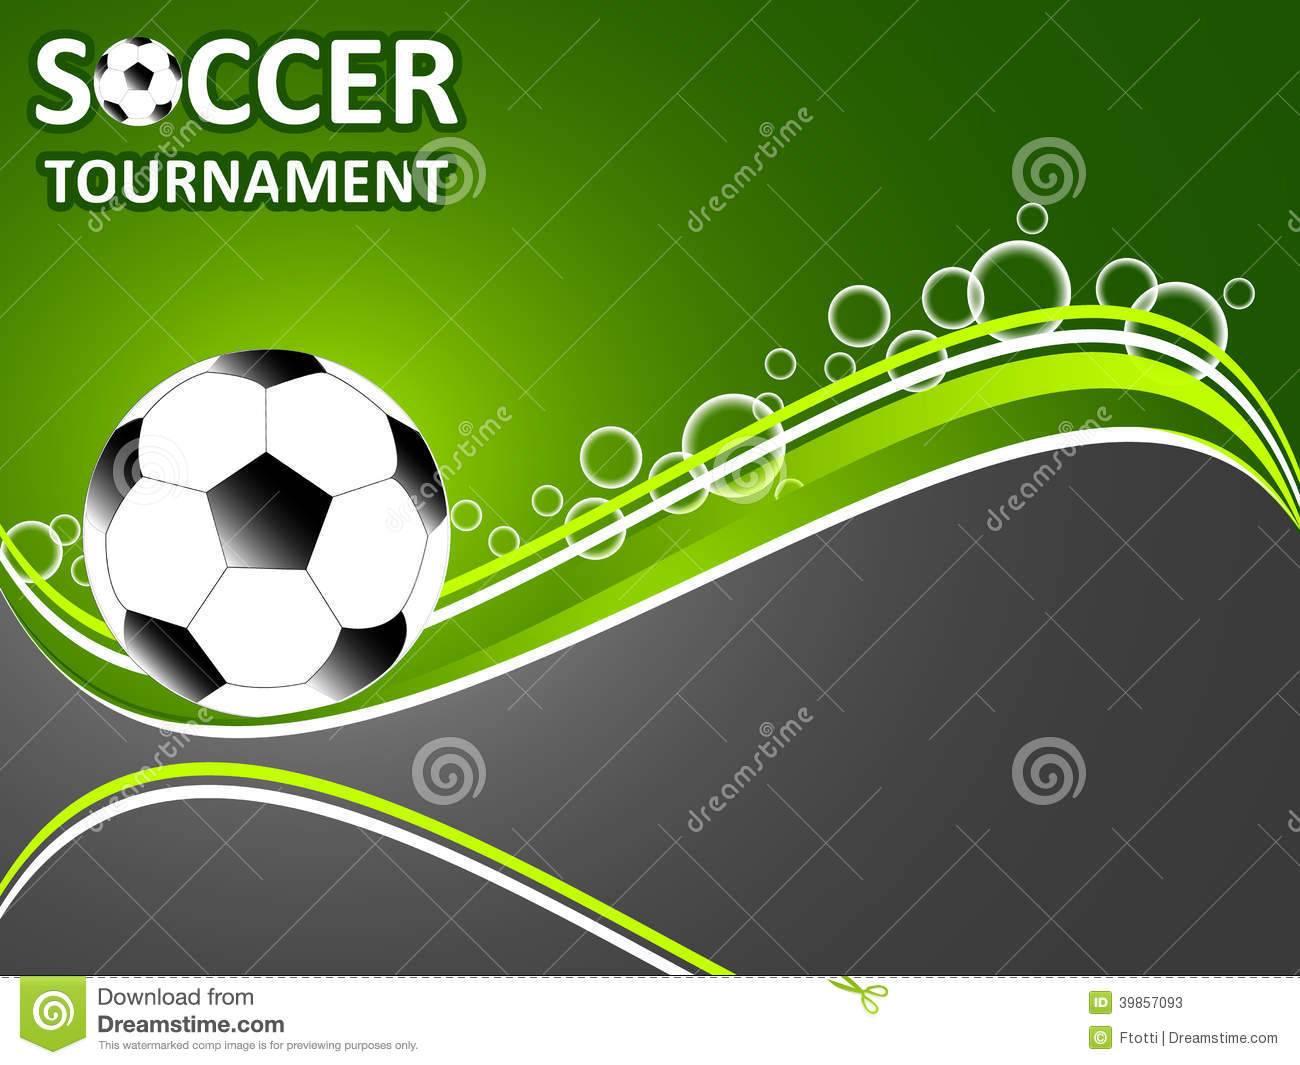 Soccer Invitation Template